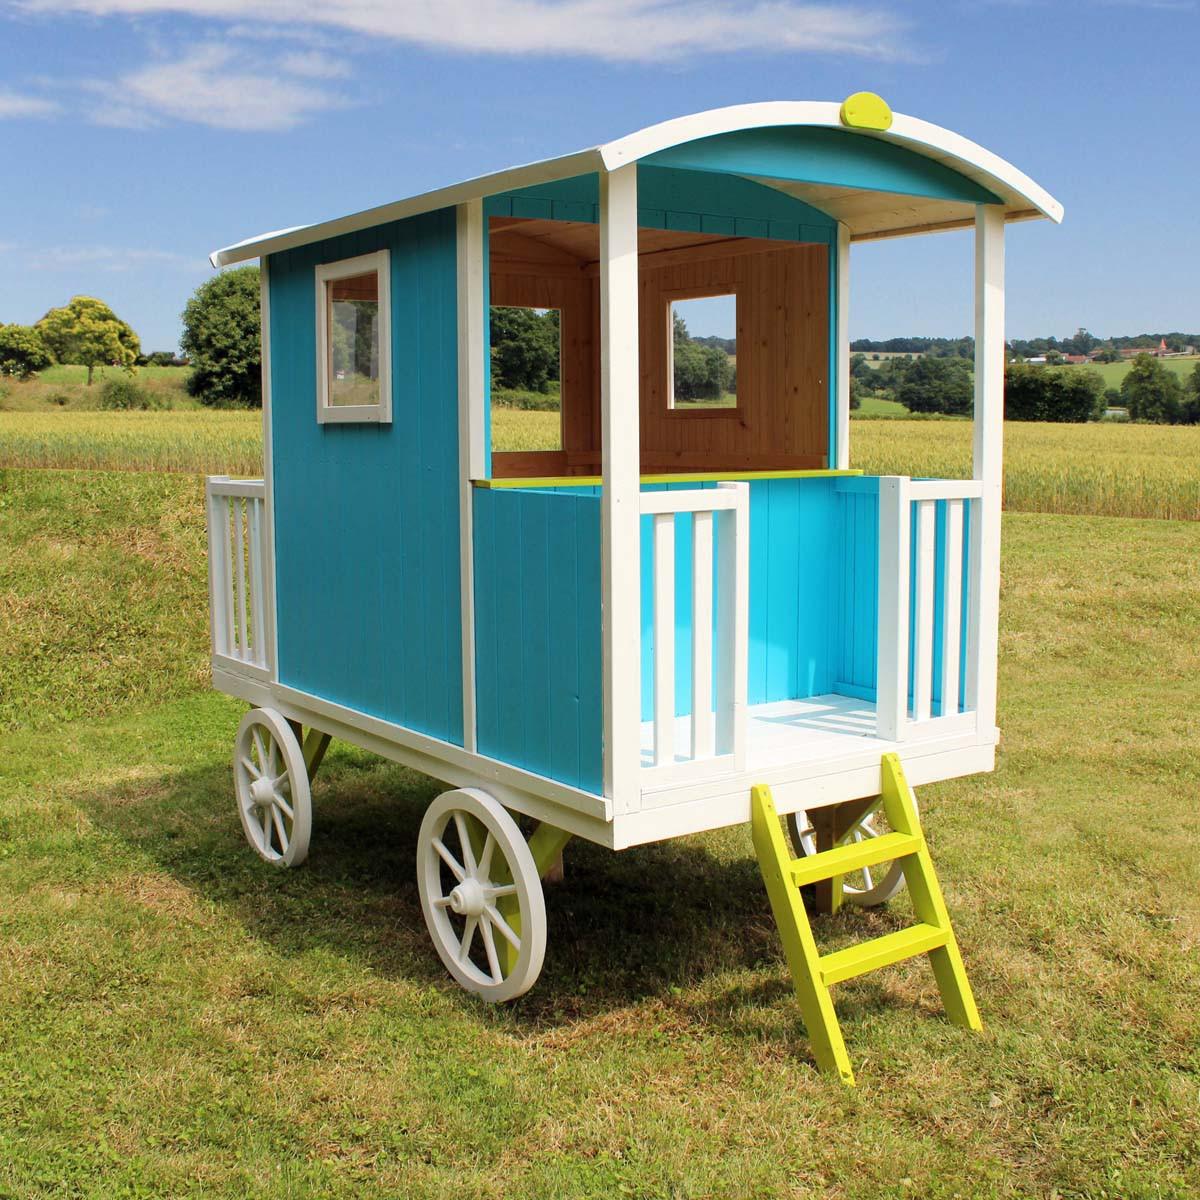 Acheter Une Roulotte Pour Y Vivre cabane en bois pour enfant roulotte carry